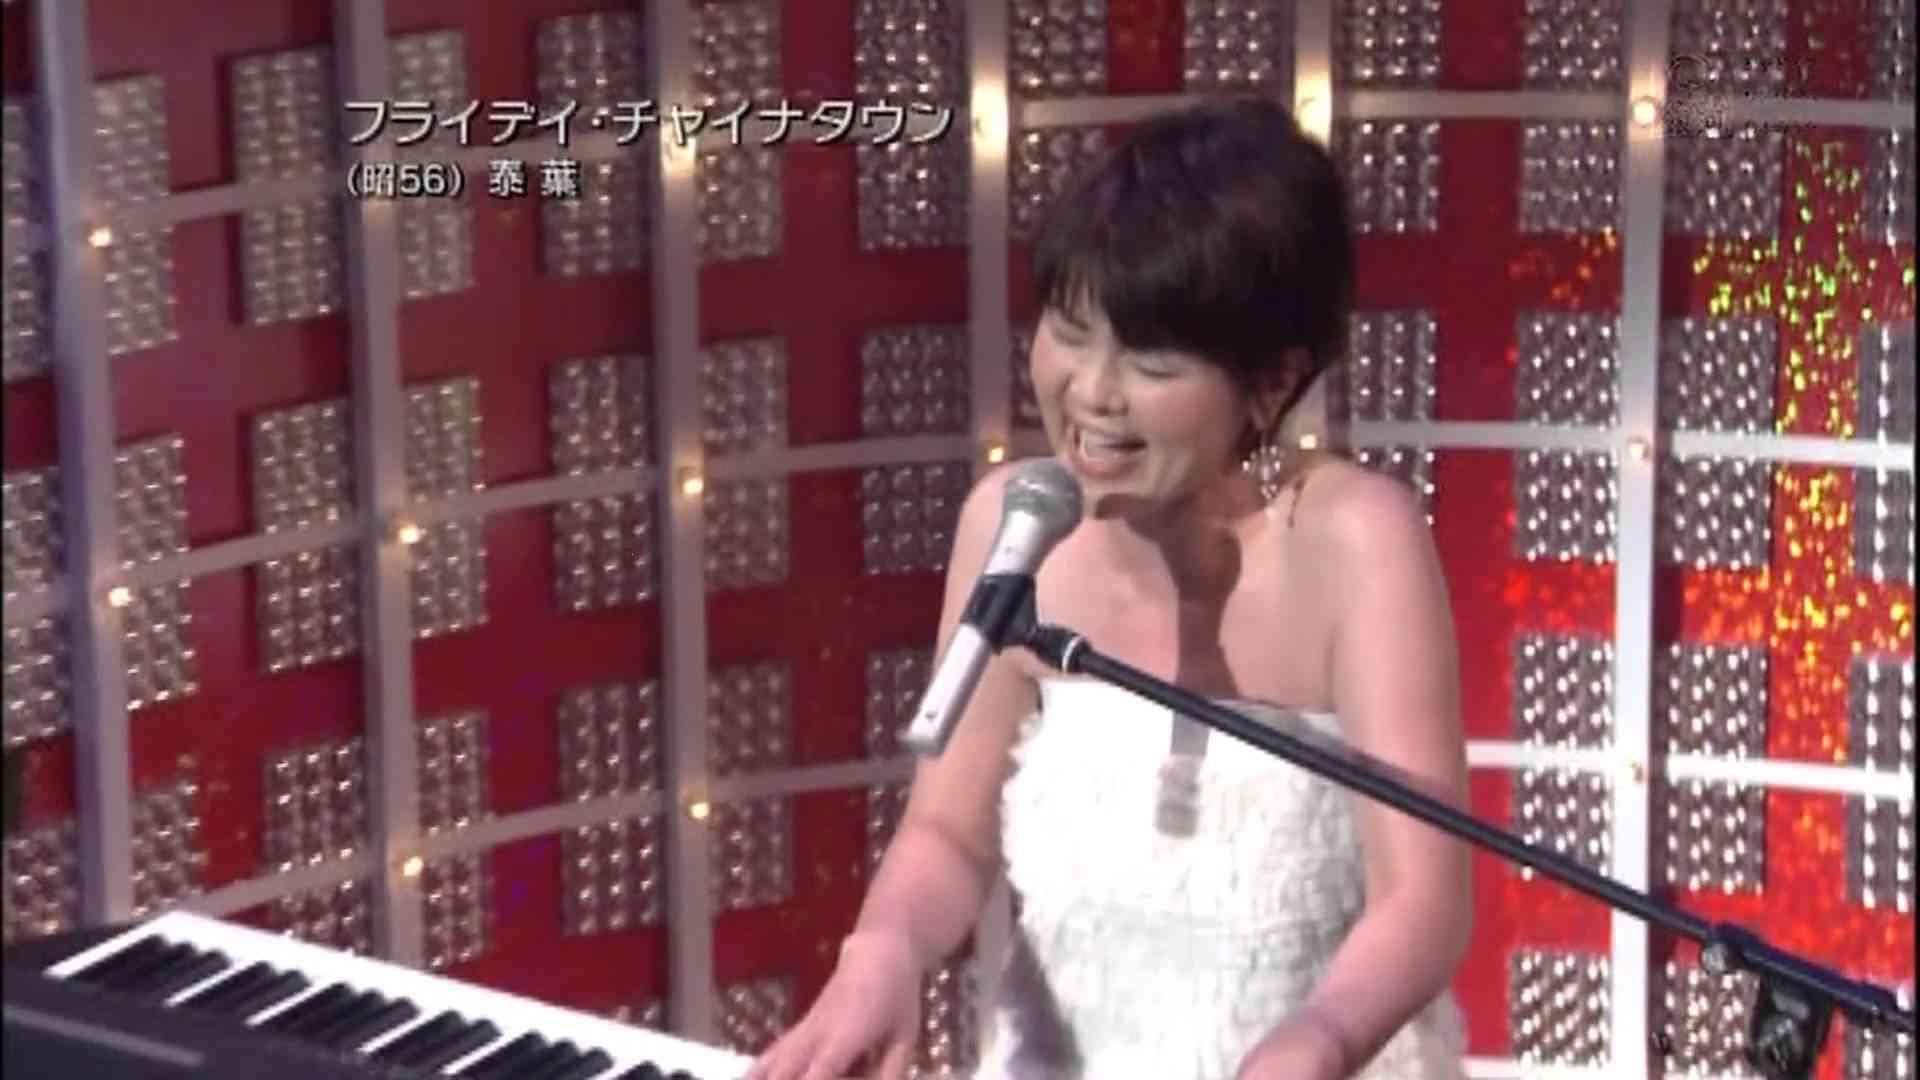 泰葉  フライデー・チャイナタウン - YouTube